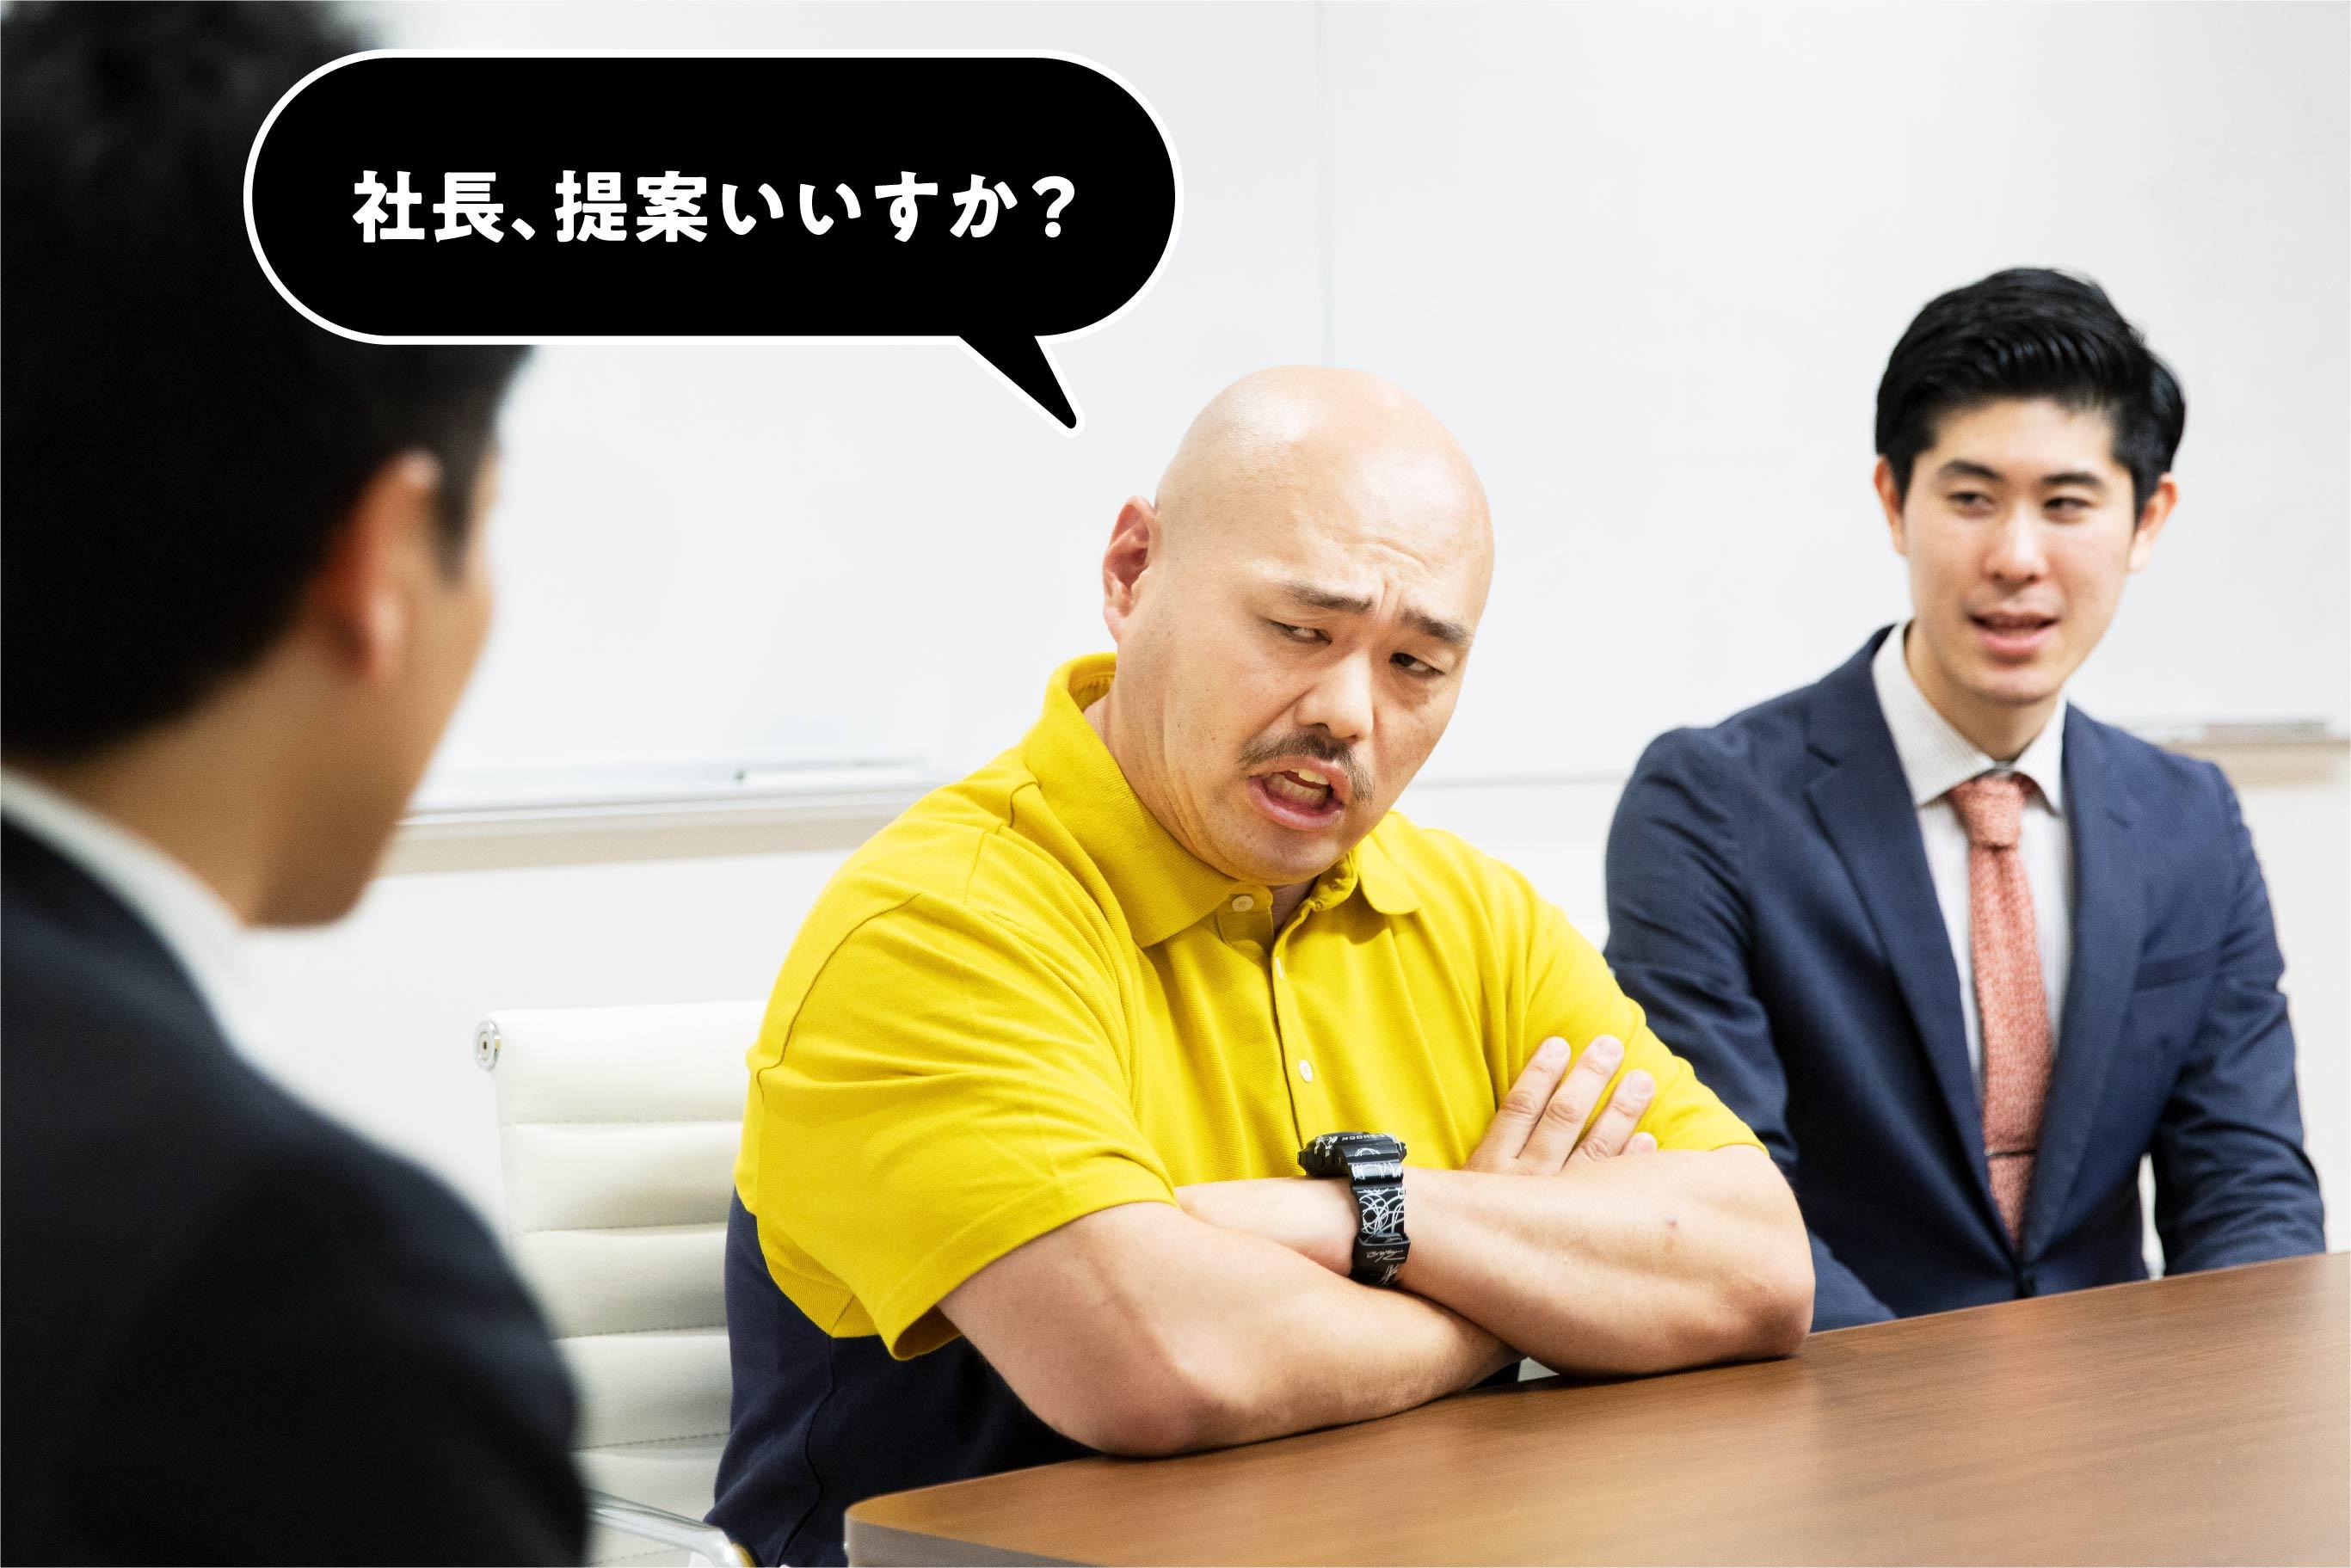 [画像] クロちゃんが社長に提案! 「週3で合コンしたい」「ギャルと働きたい」…採用なるか?